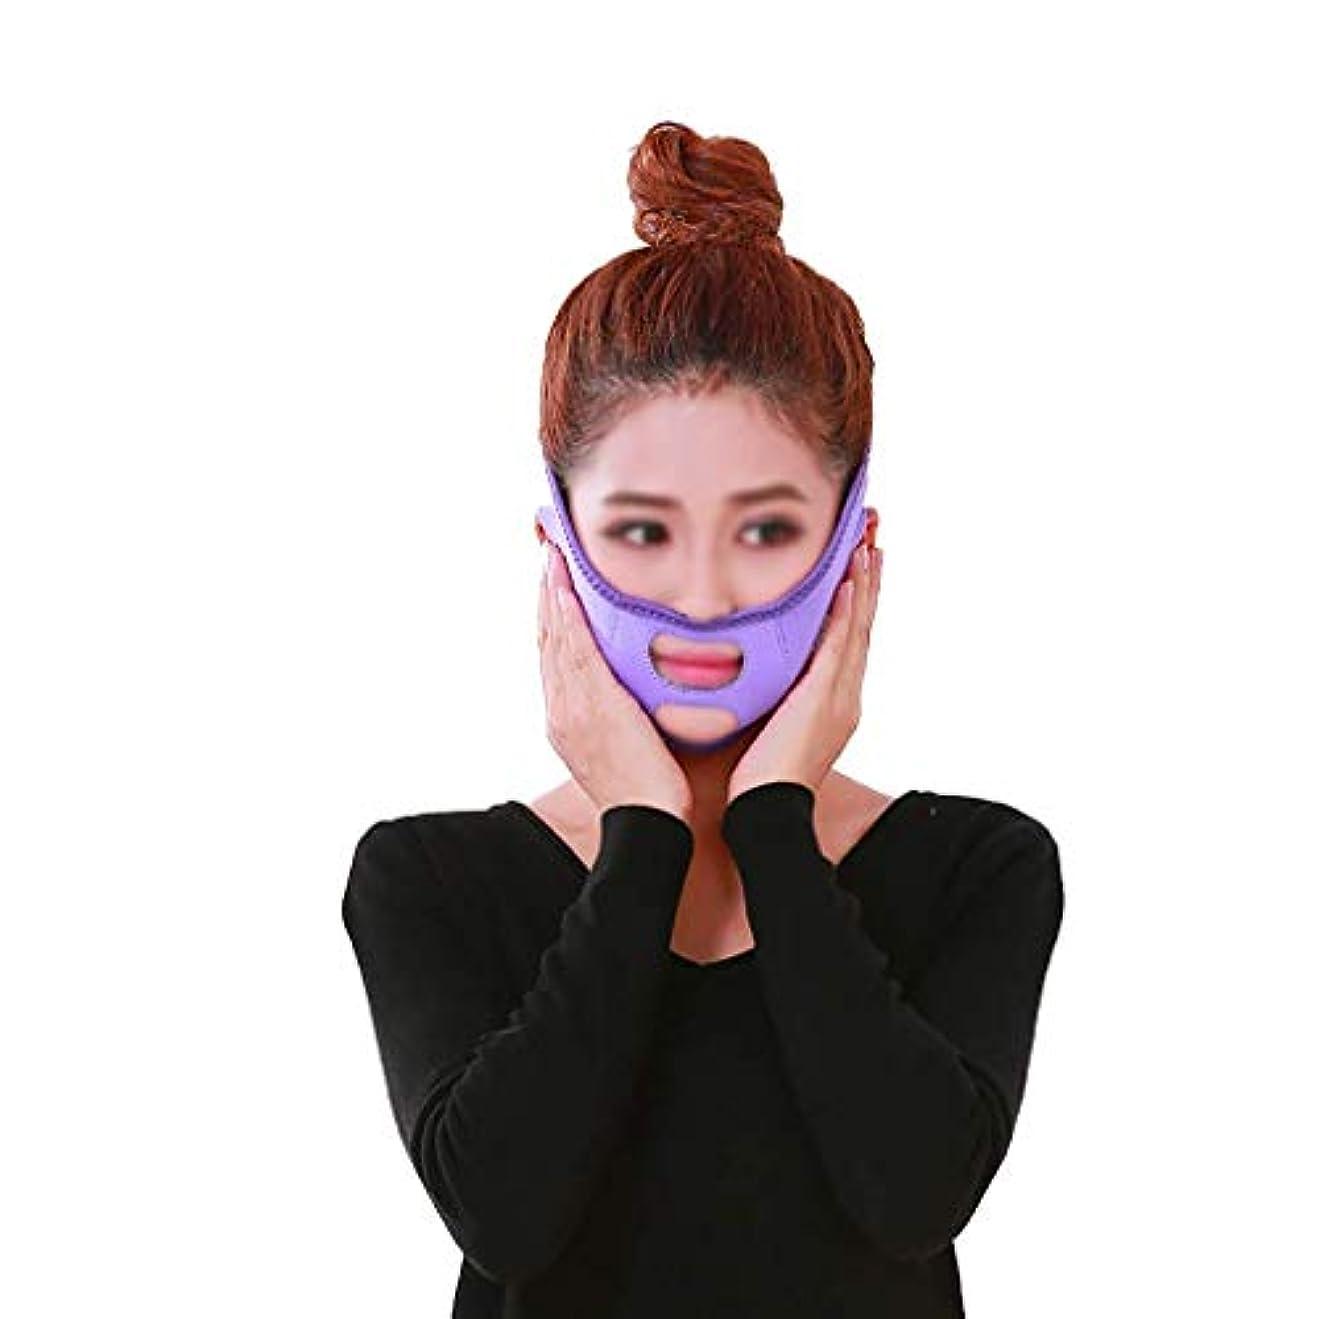 死の顎ワンダーフォームフェイスリフトフェイシャル、肌のリラクゼーションを防ぐタイトなVフェイスマスクVフェイスアーティファクトフェイスリフトバンデージフェイスケア(色:紫)